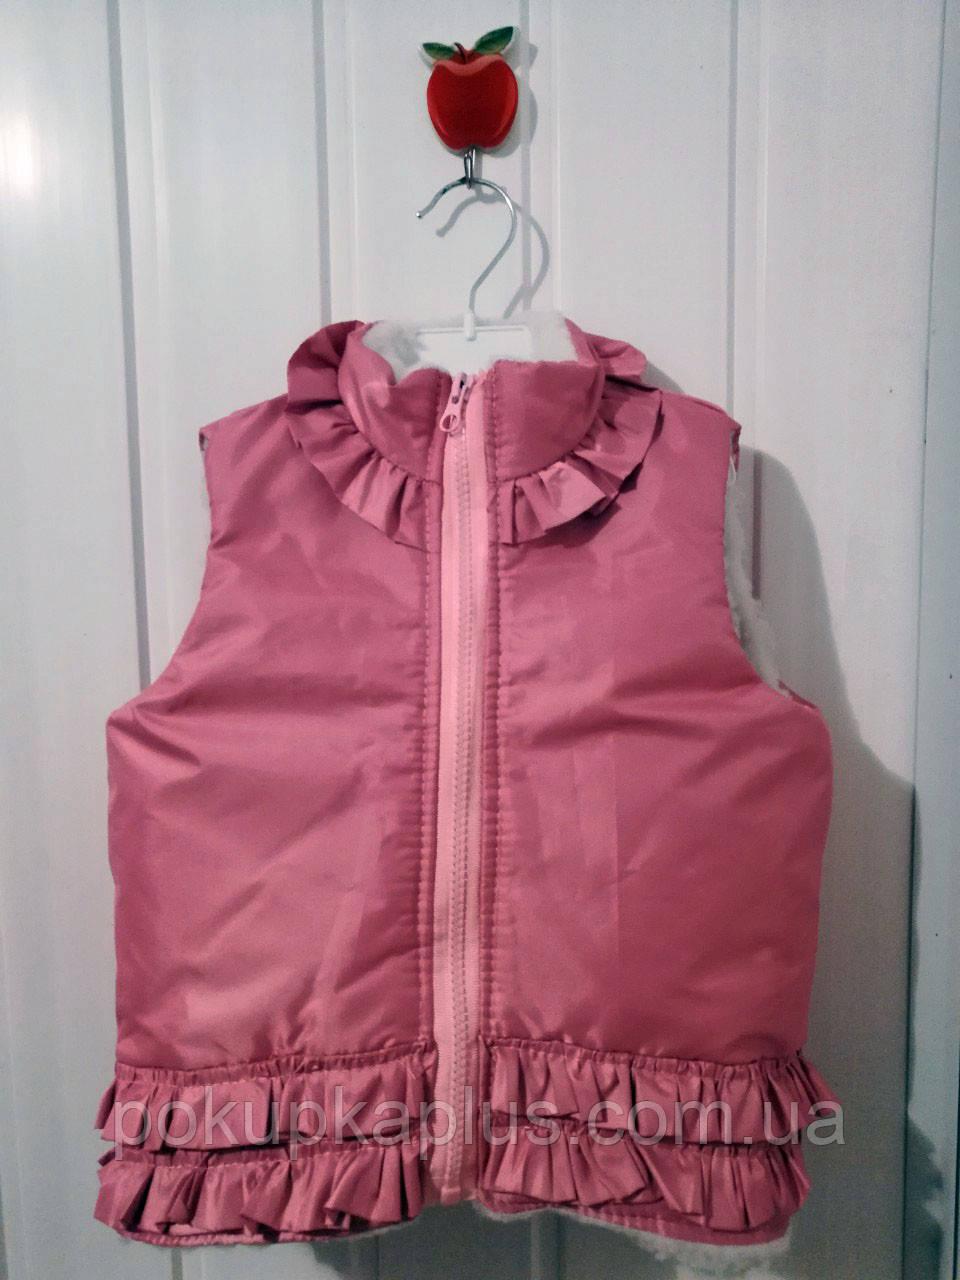 Жилетка детская размер 98-104 для девочки безрукавка розовая